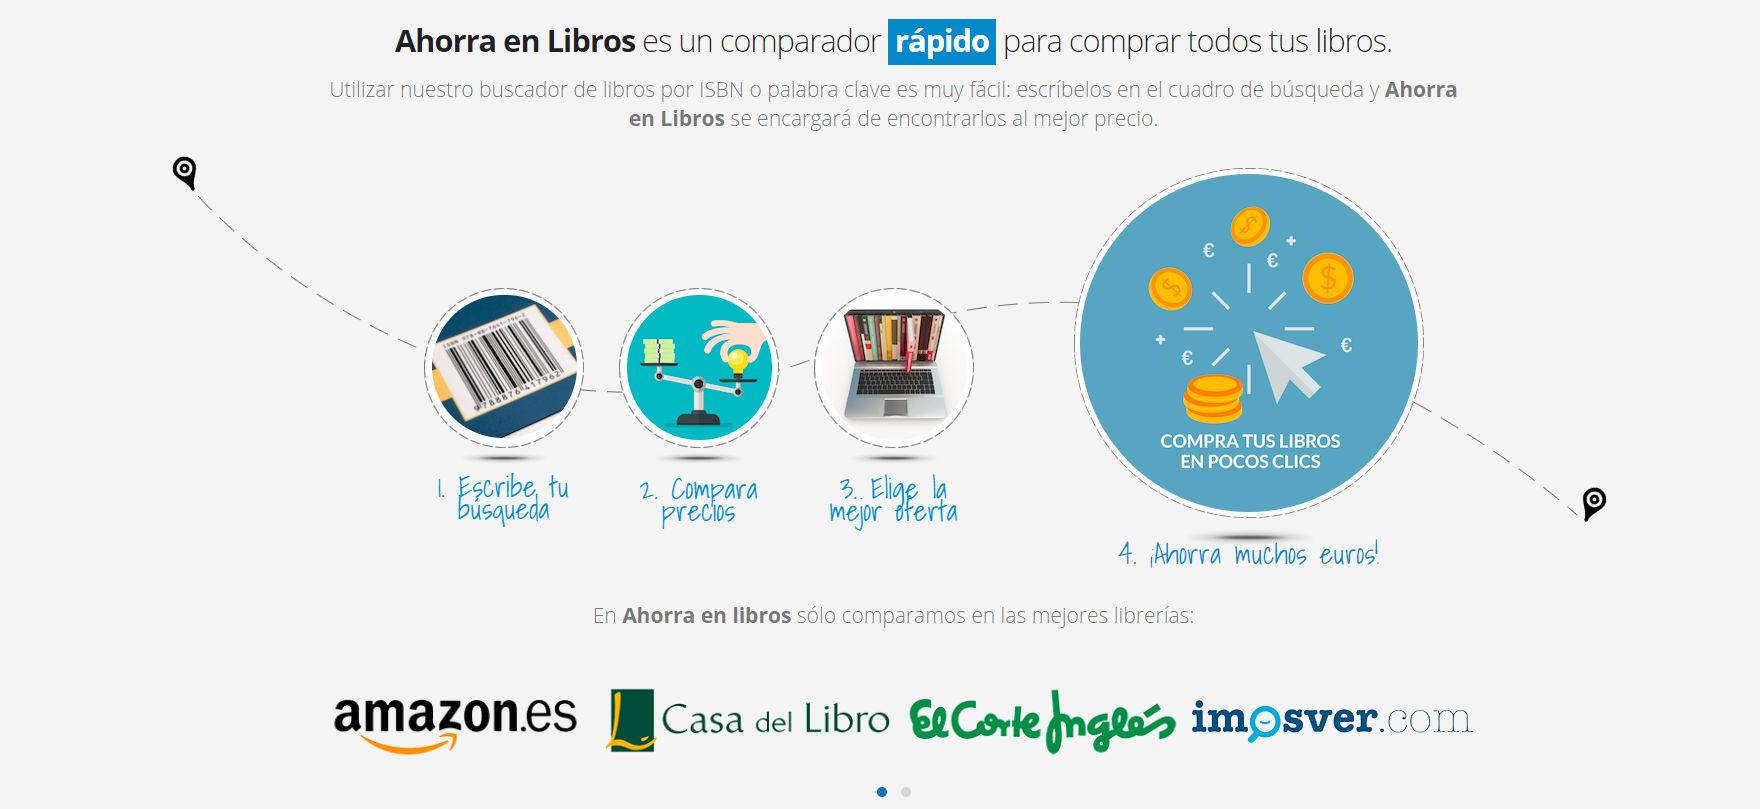 COMPARAR LIBROS DE TEXTO BARATOS AMAZON